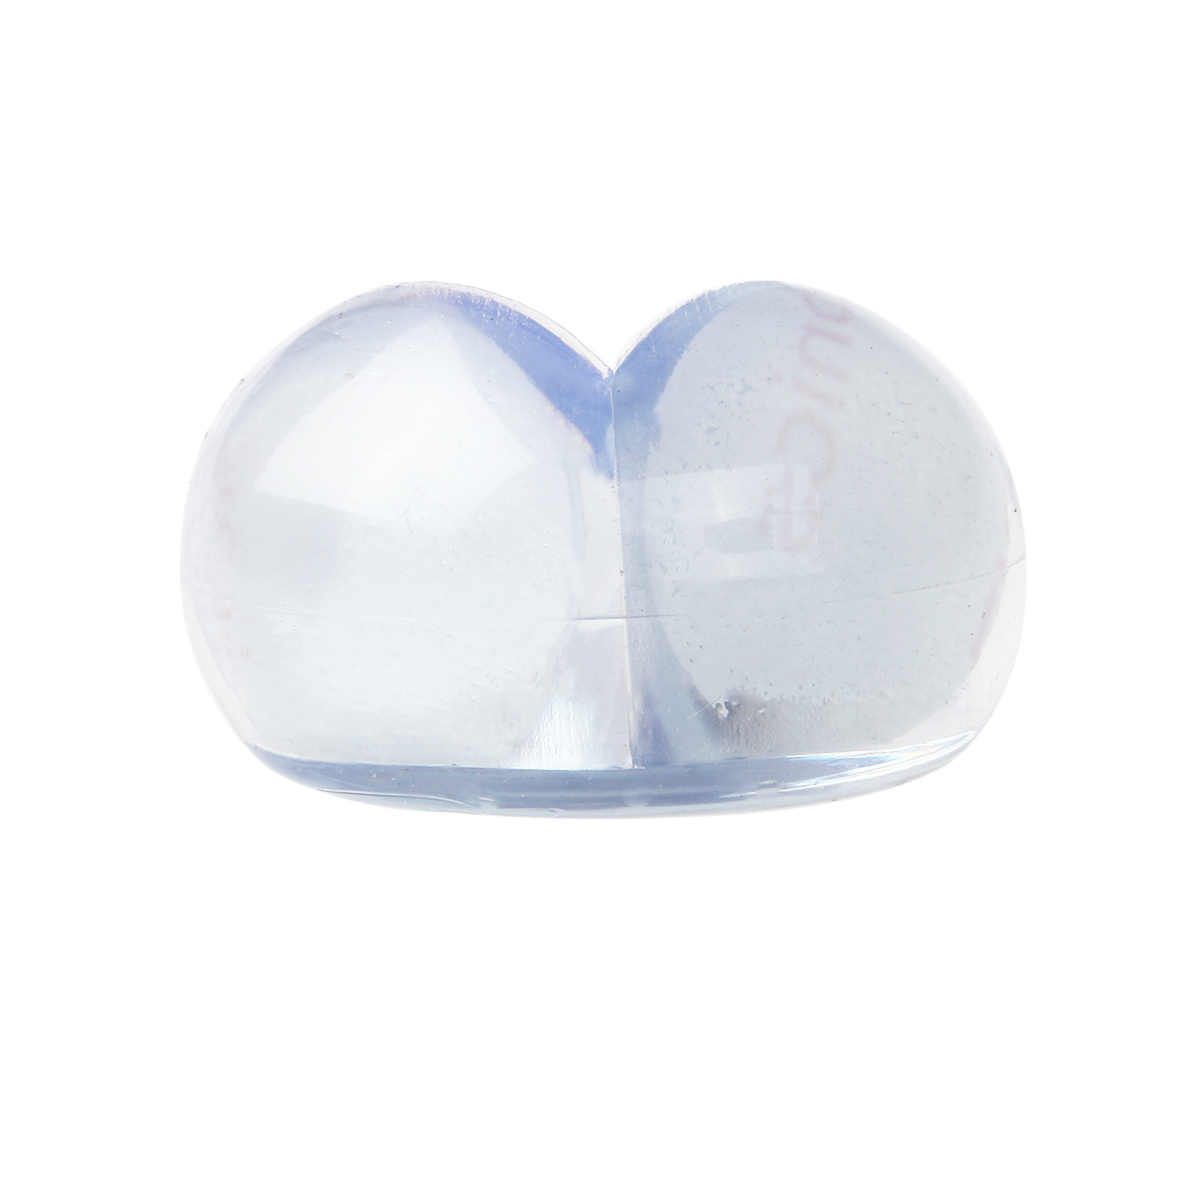 20 штук ребенка детский безопасности Мягкие силиконовые круглый Форма настольные уголок анти-столкновения подушки гвардии Защитные